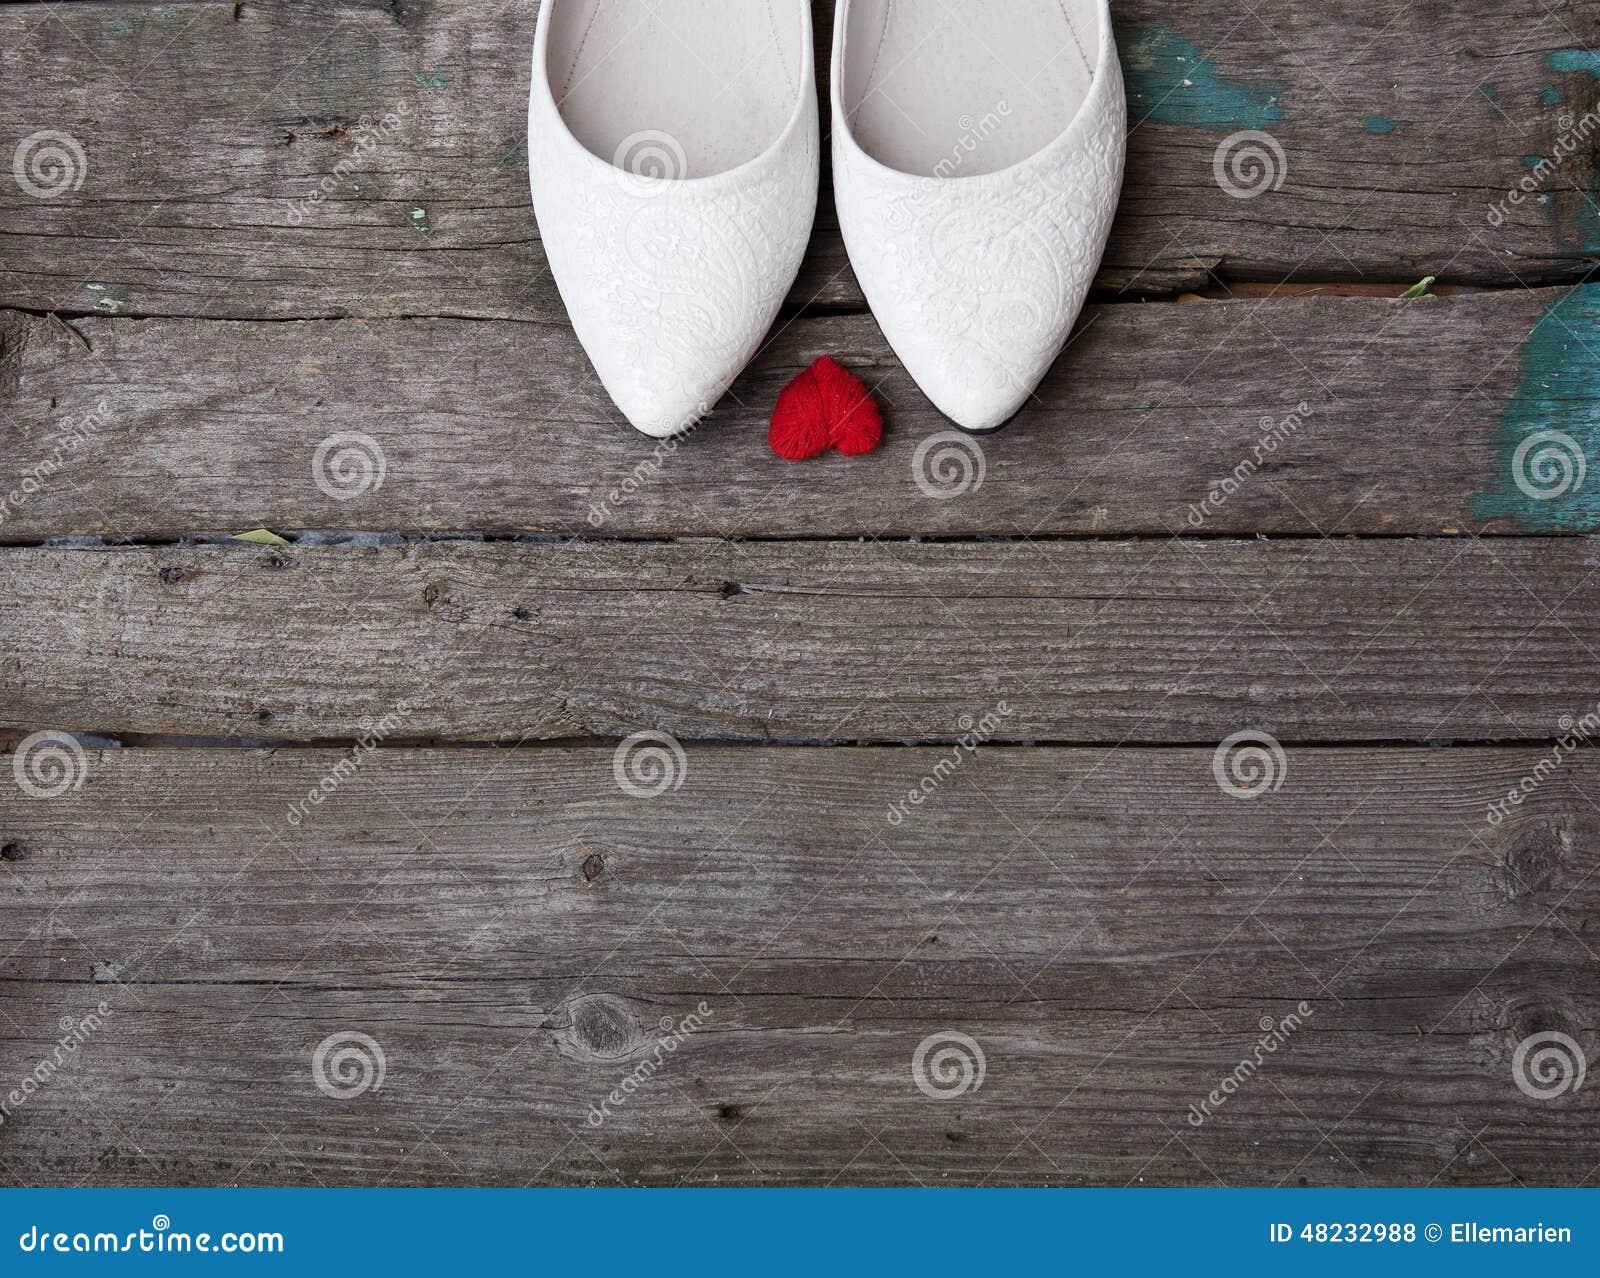 Hochzeitsschuhe Und Rotes Herz Auf Holzernem Hintergrund Stockfoto